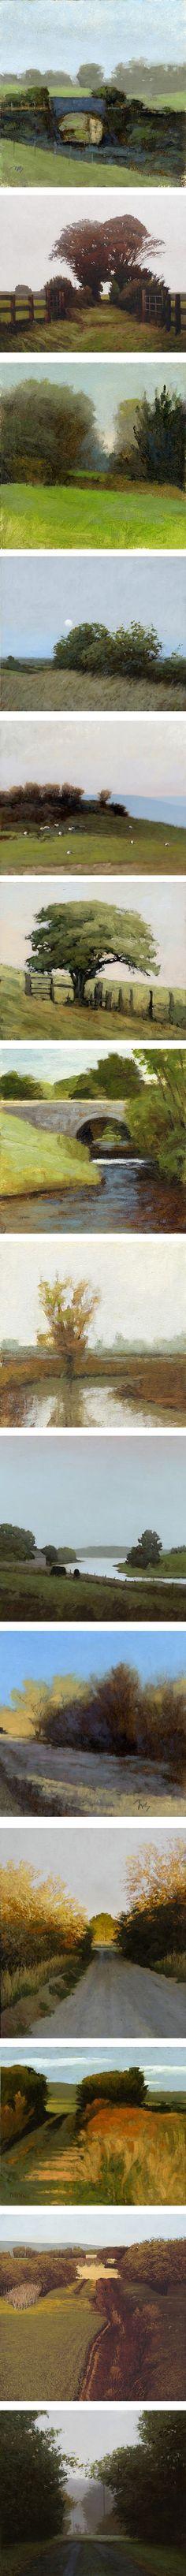 Marc Bohne is a landscape painter, landscape paintings